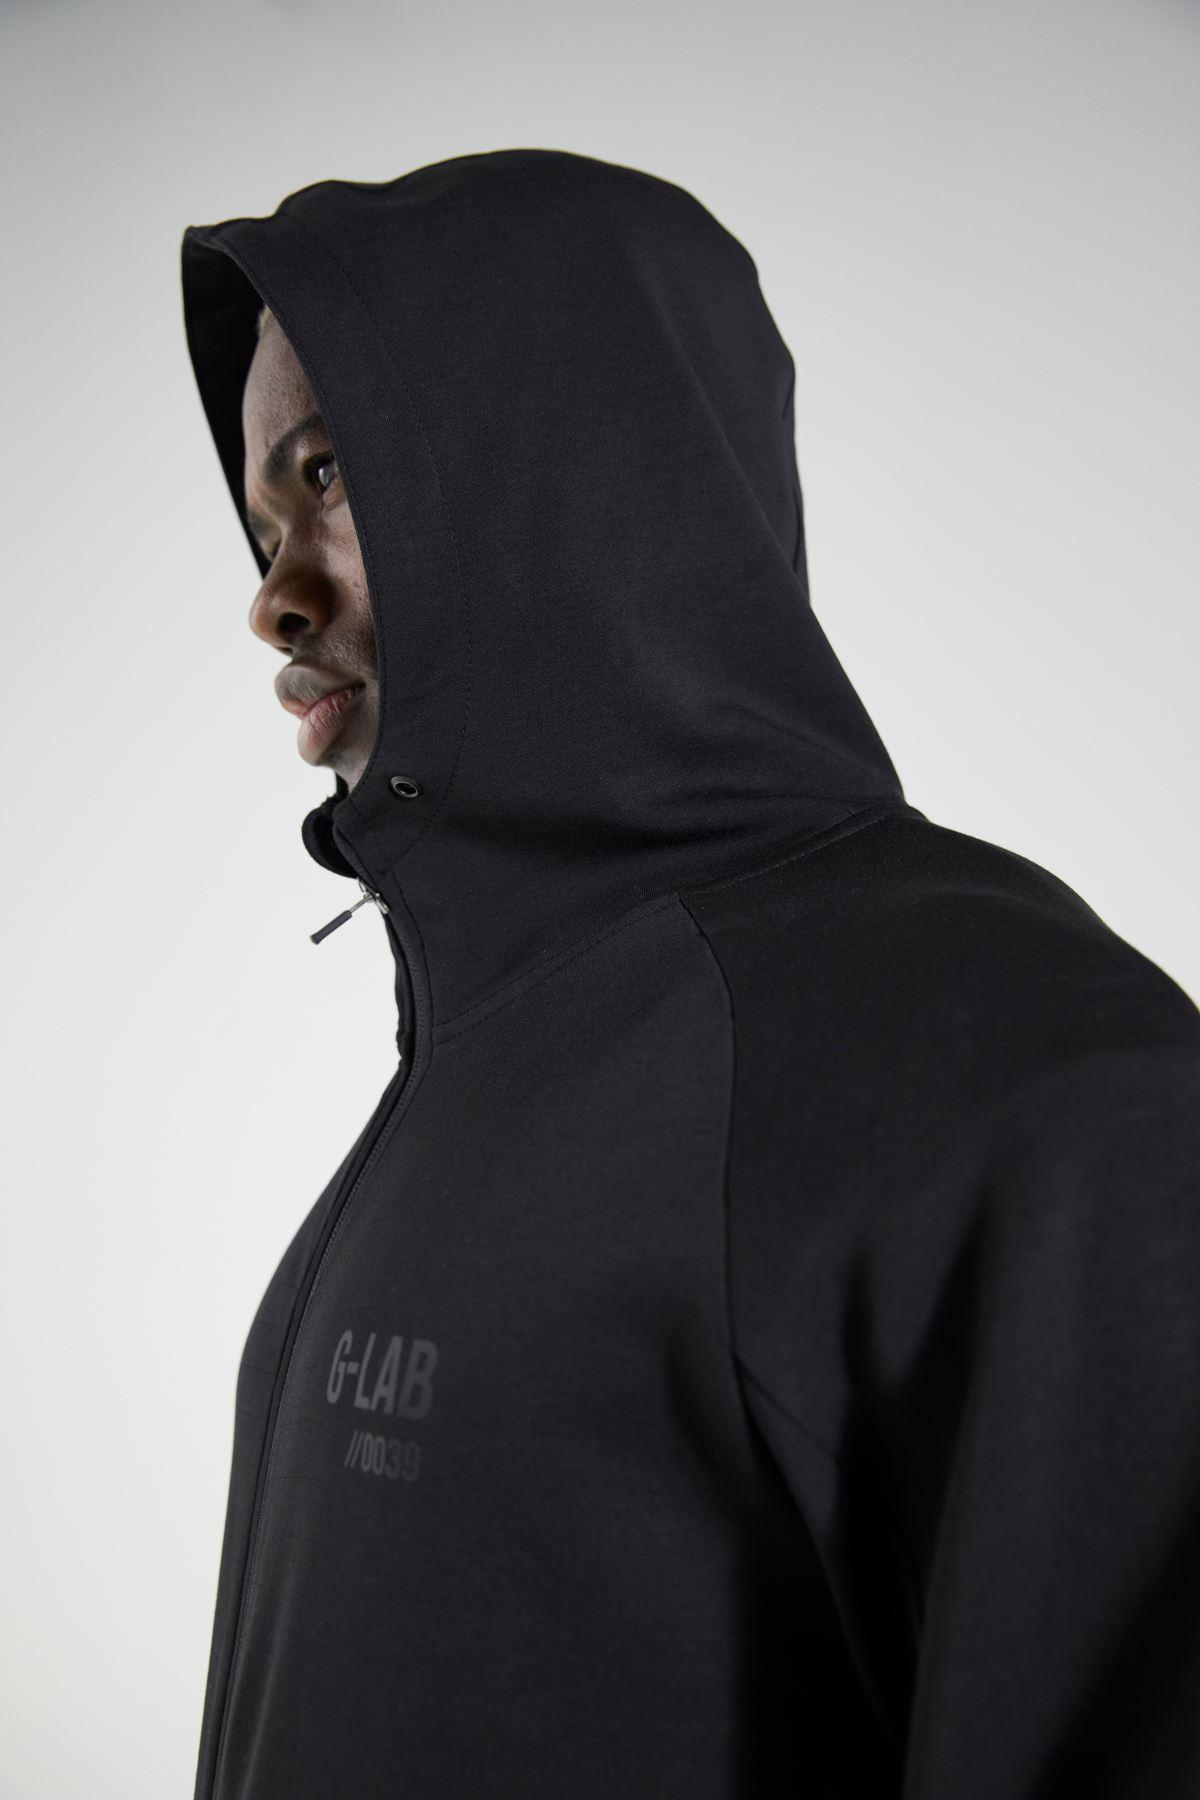 Siyah Kapüşonlu Fermuarlı Eşofman Üstü Sweatshirt